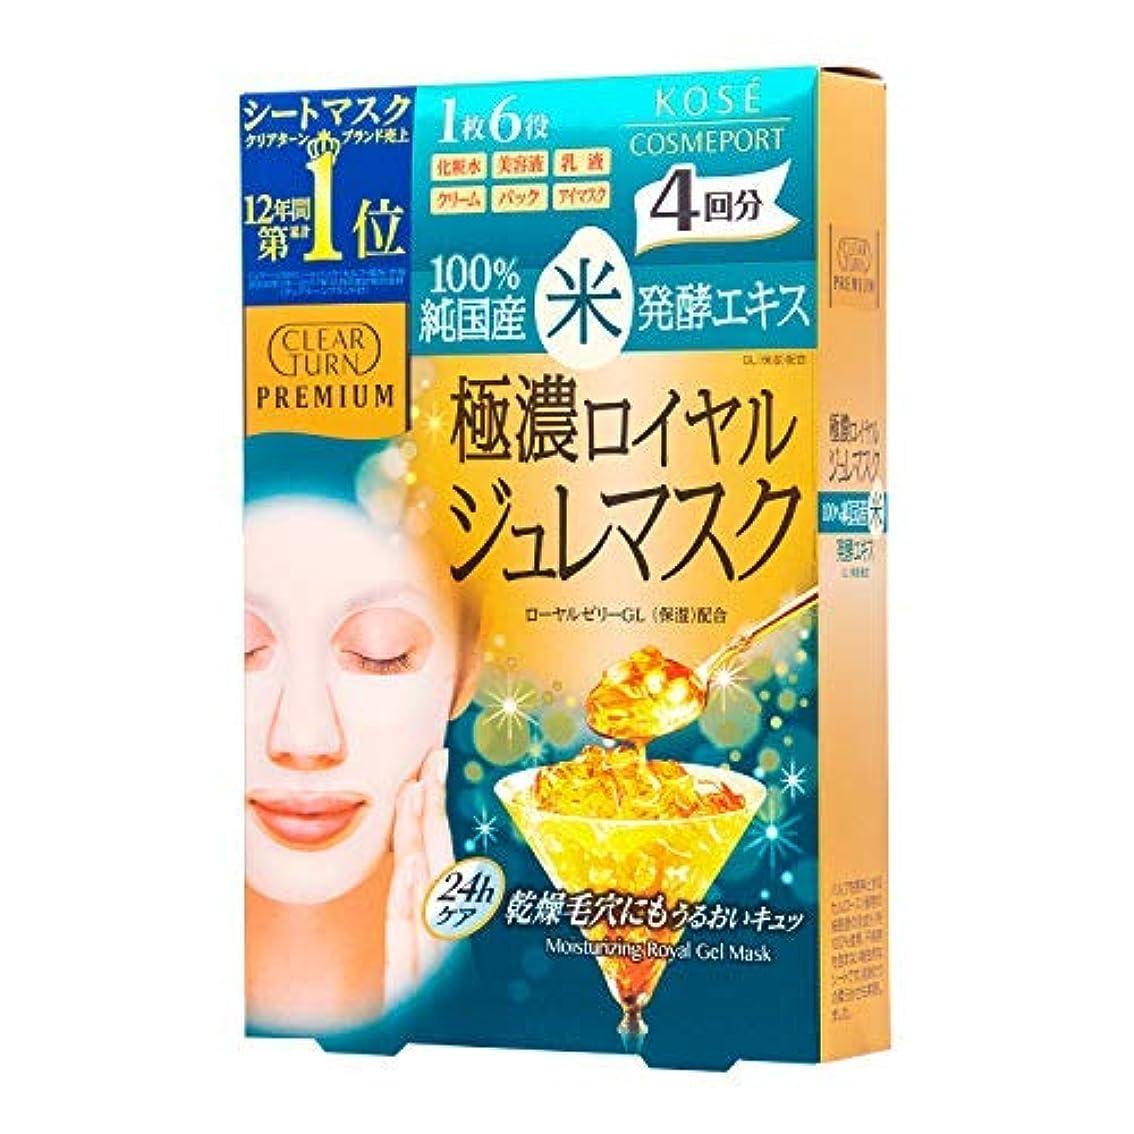 フック化学薬品習熟度クリアターンプレミアムロイヤルジュレマスク米 × 2個セット